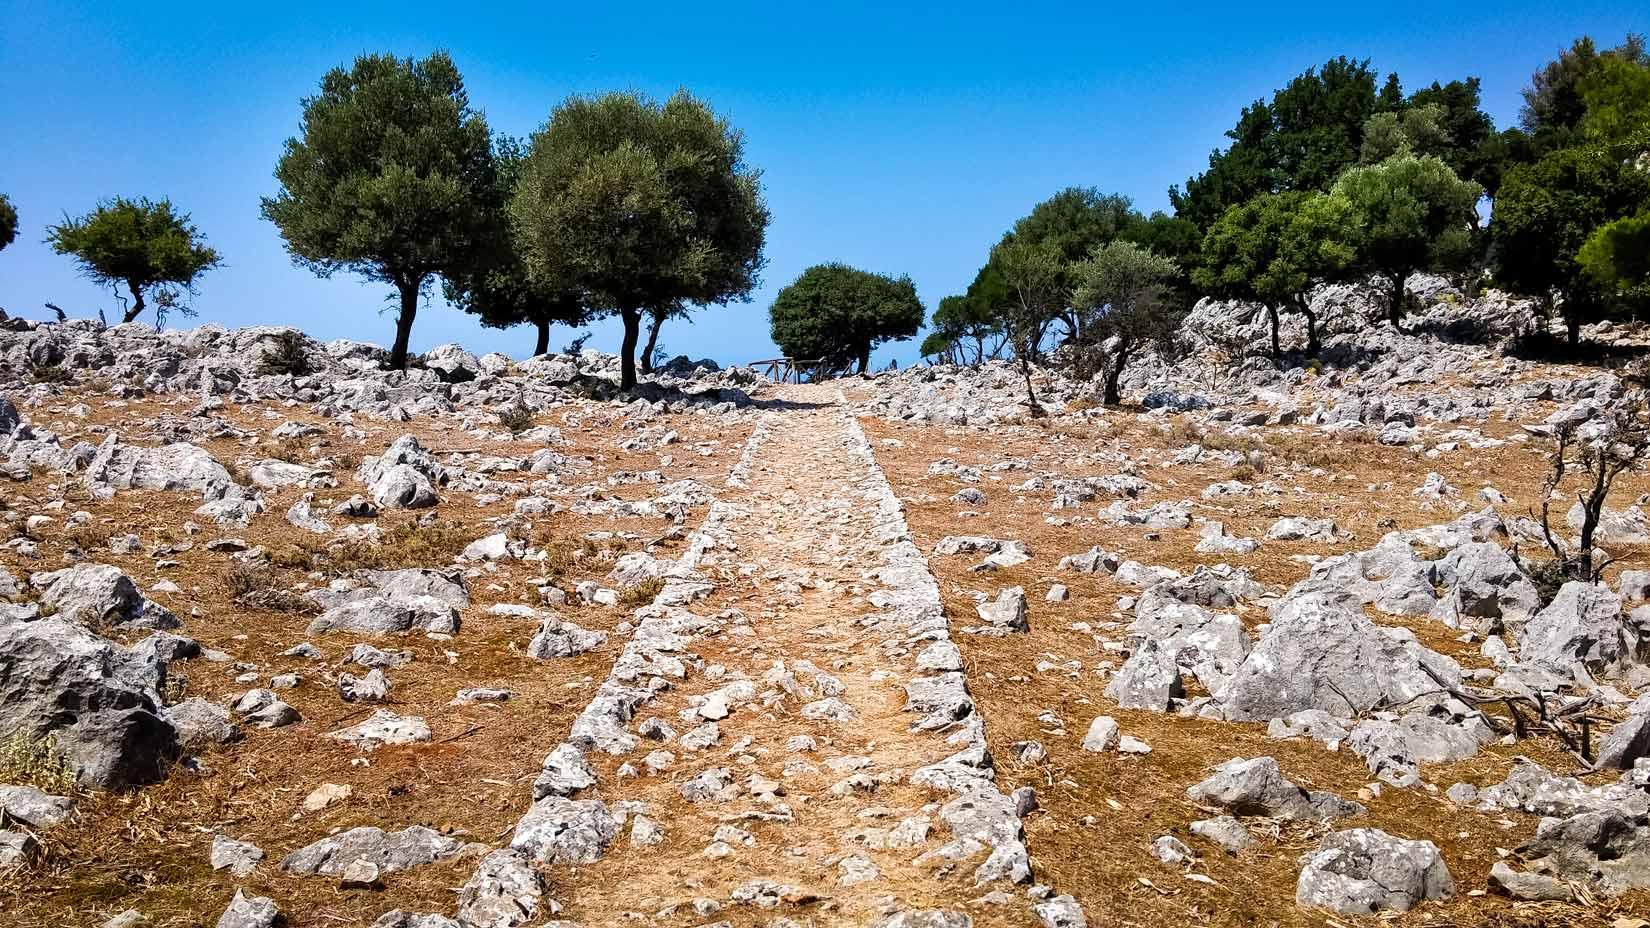 Stezka k hotelu Elafos - decentně zasazená do místního okolí